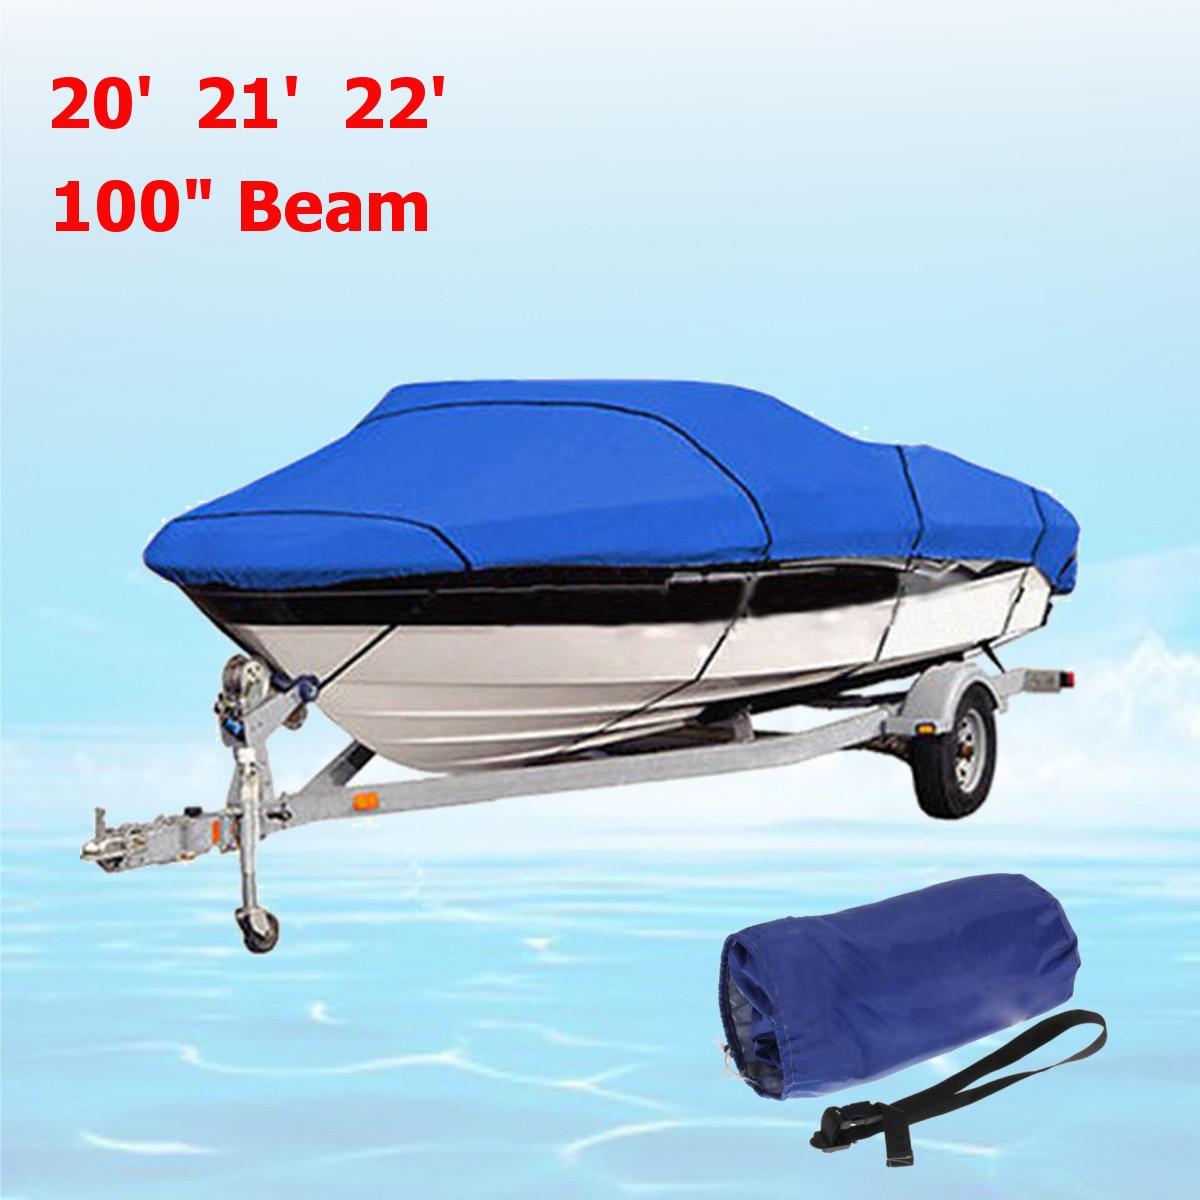 Сверхмощный Рыбалка лыжный runboat Лодка Крышка 20-22 ft 100 дюйма луч v-образная Водонепроницаемый синий Водонепроницаемый комплект